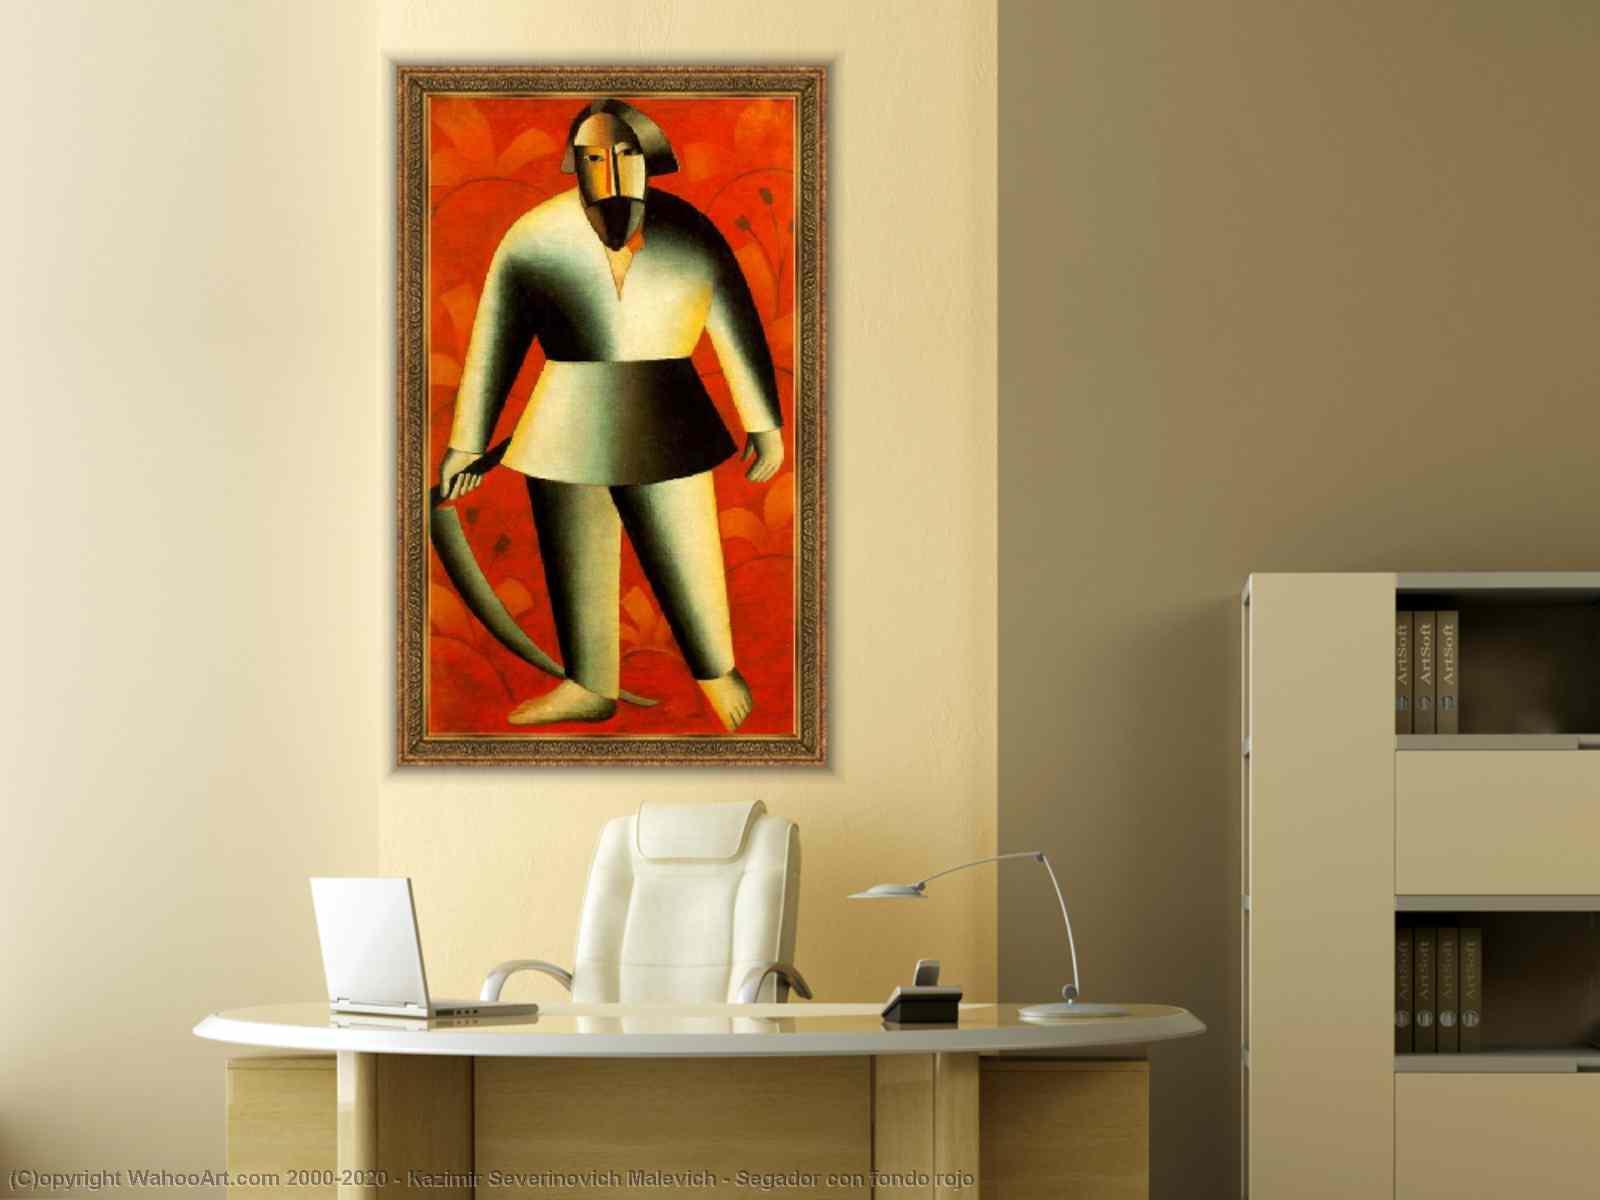 Kazimir Severinovich Malevich - Segador estafa fondo rojo